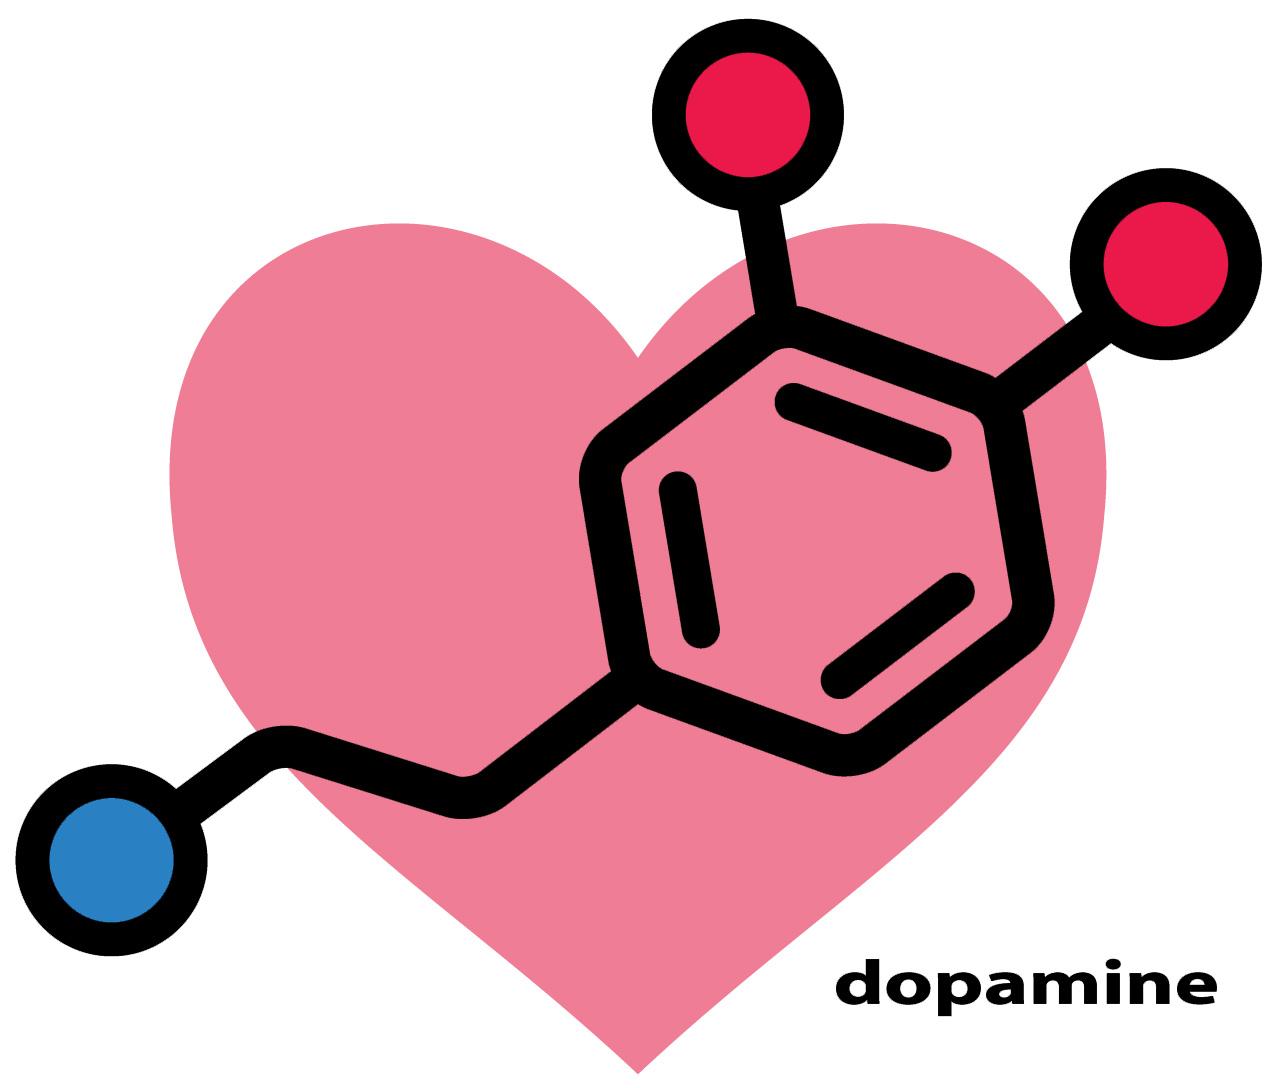 dopamine hormone